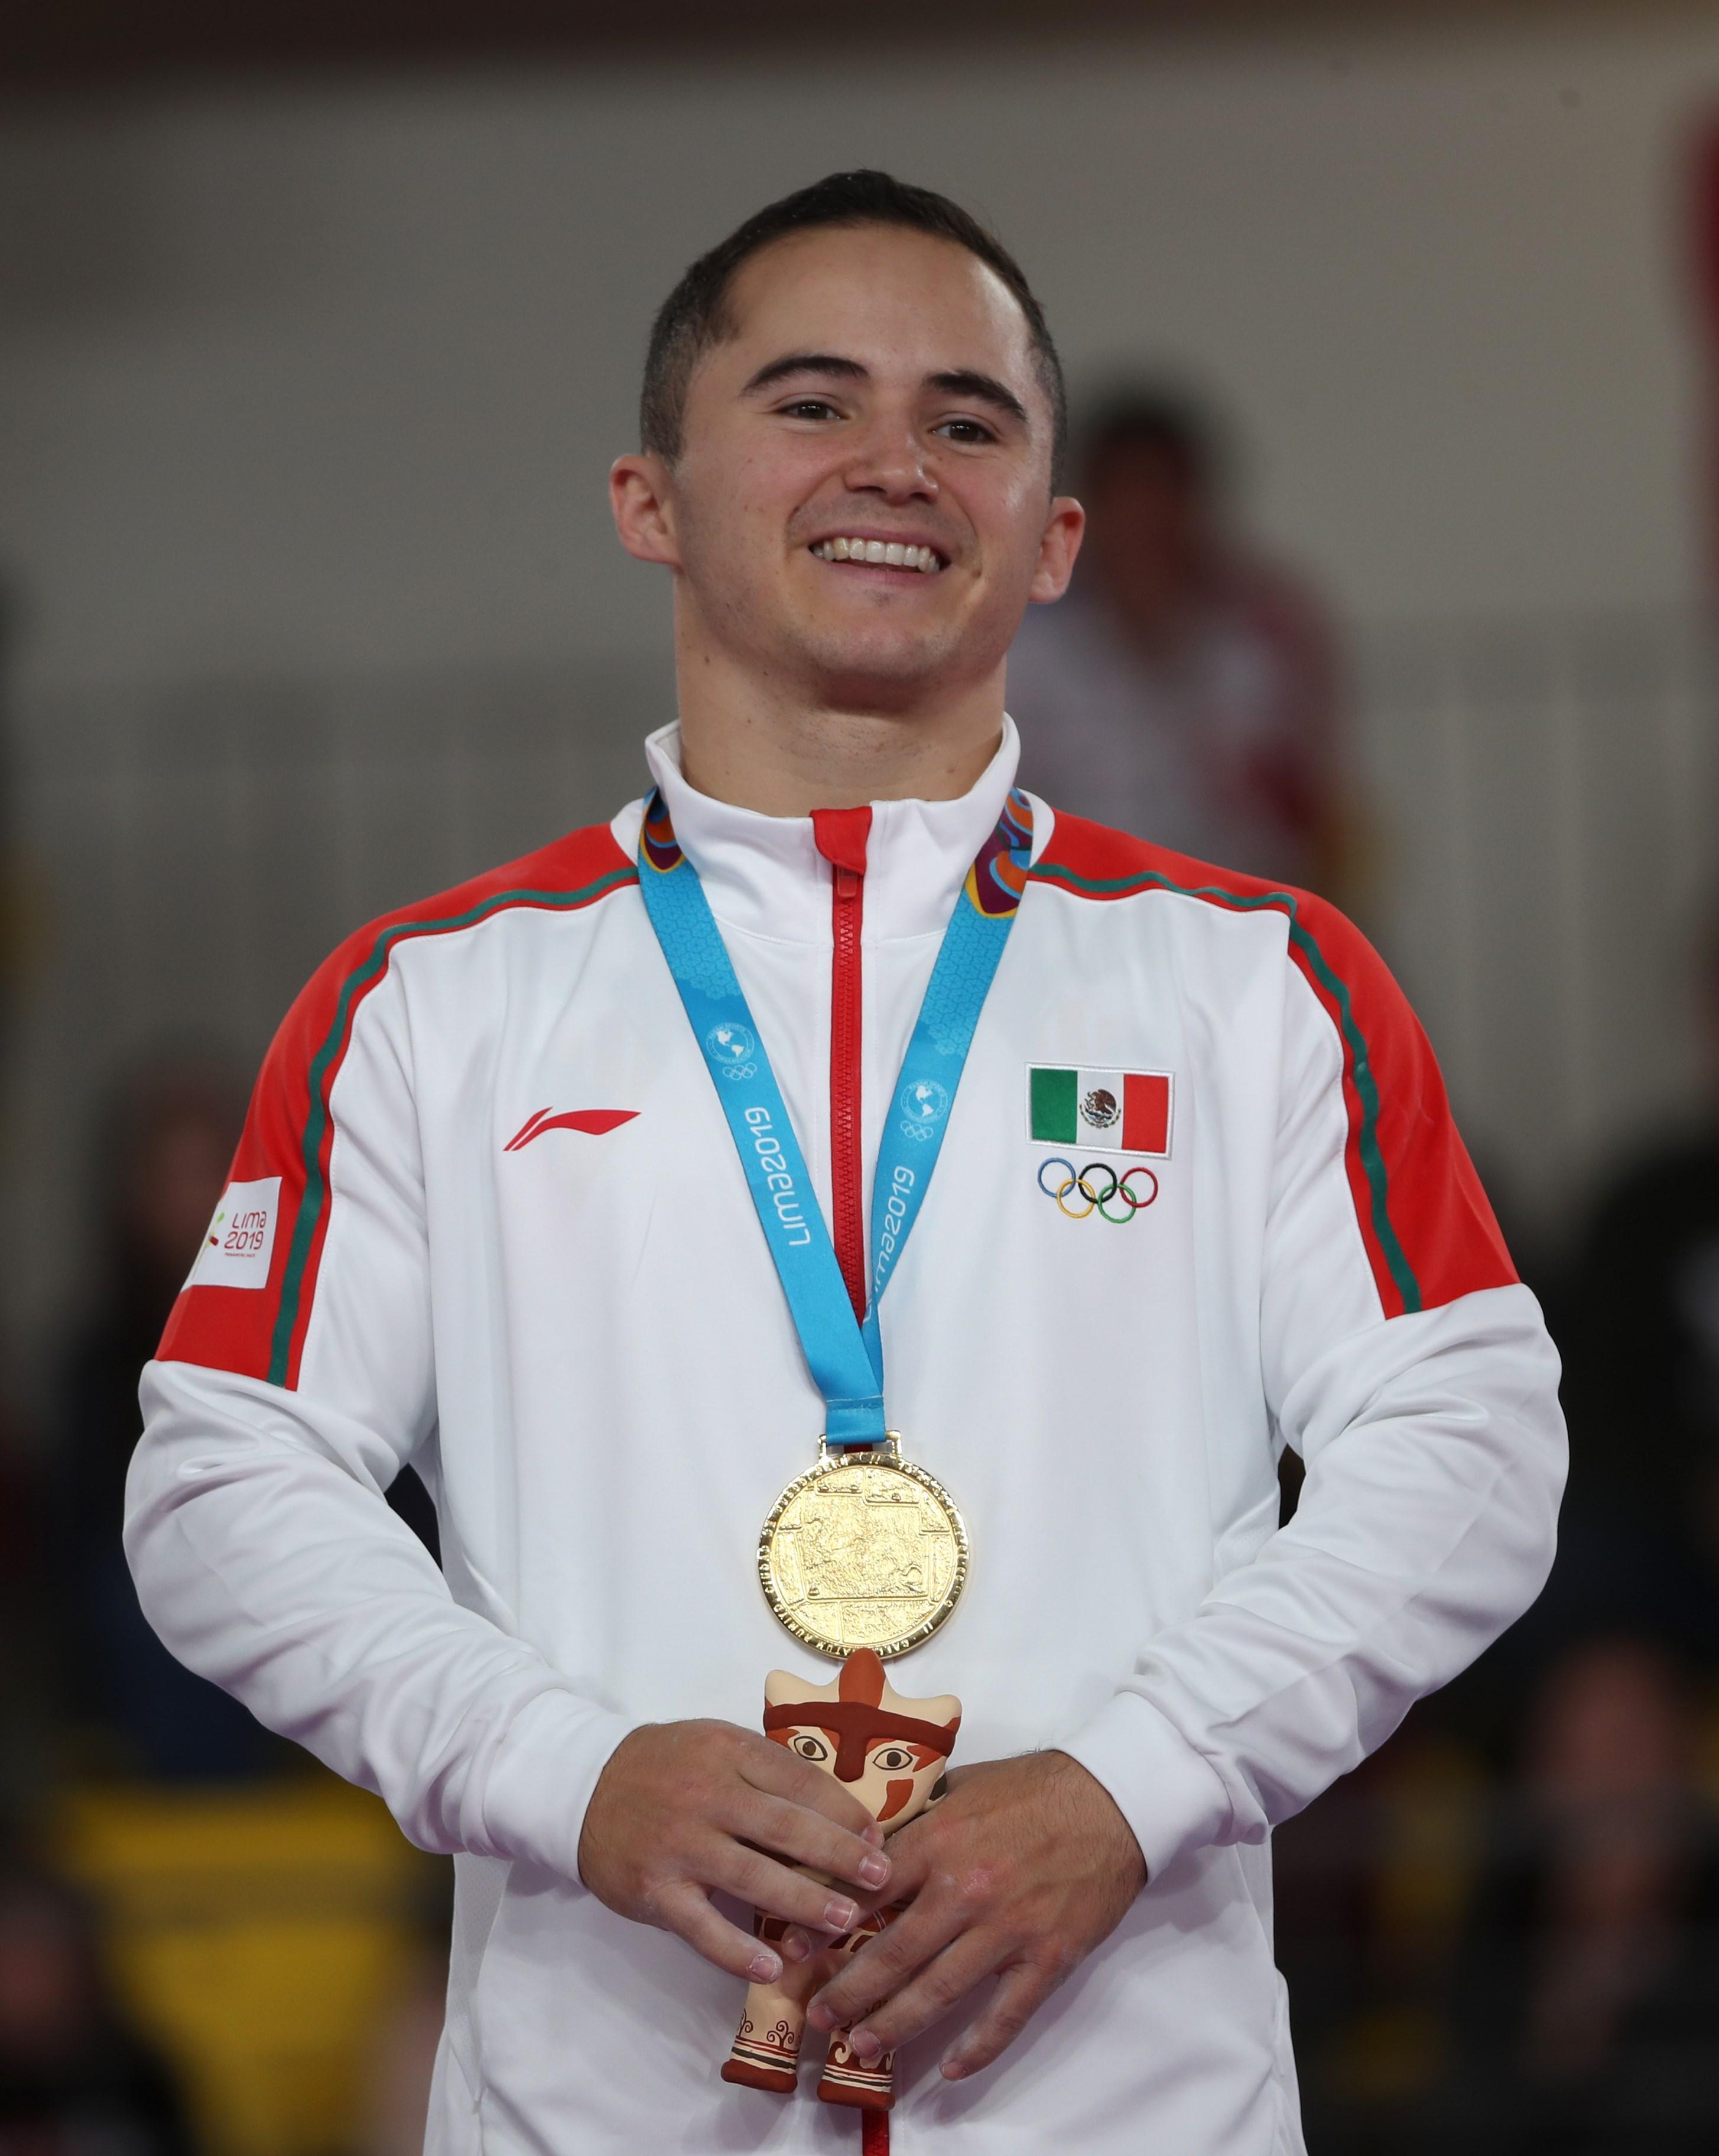 Fabián De Luna gana medalla de oro en gimnasia artística